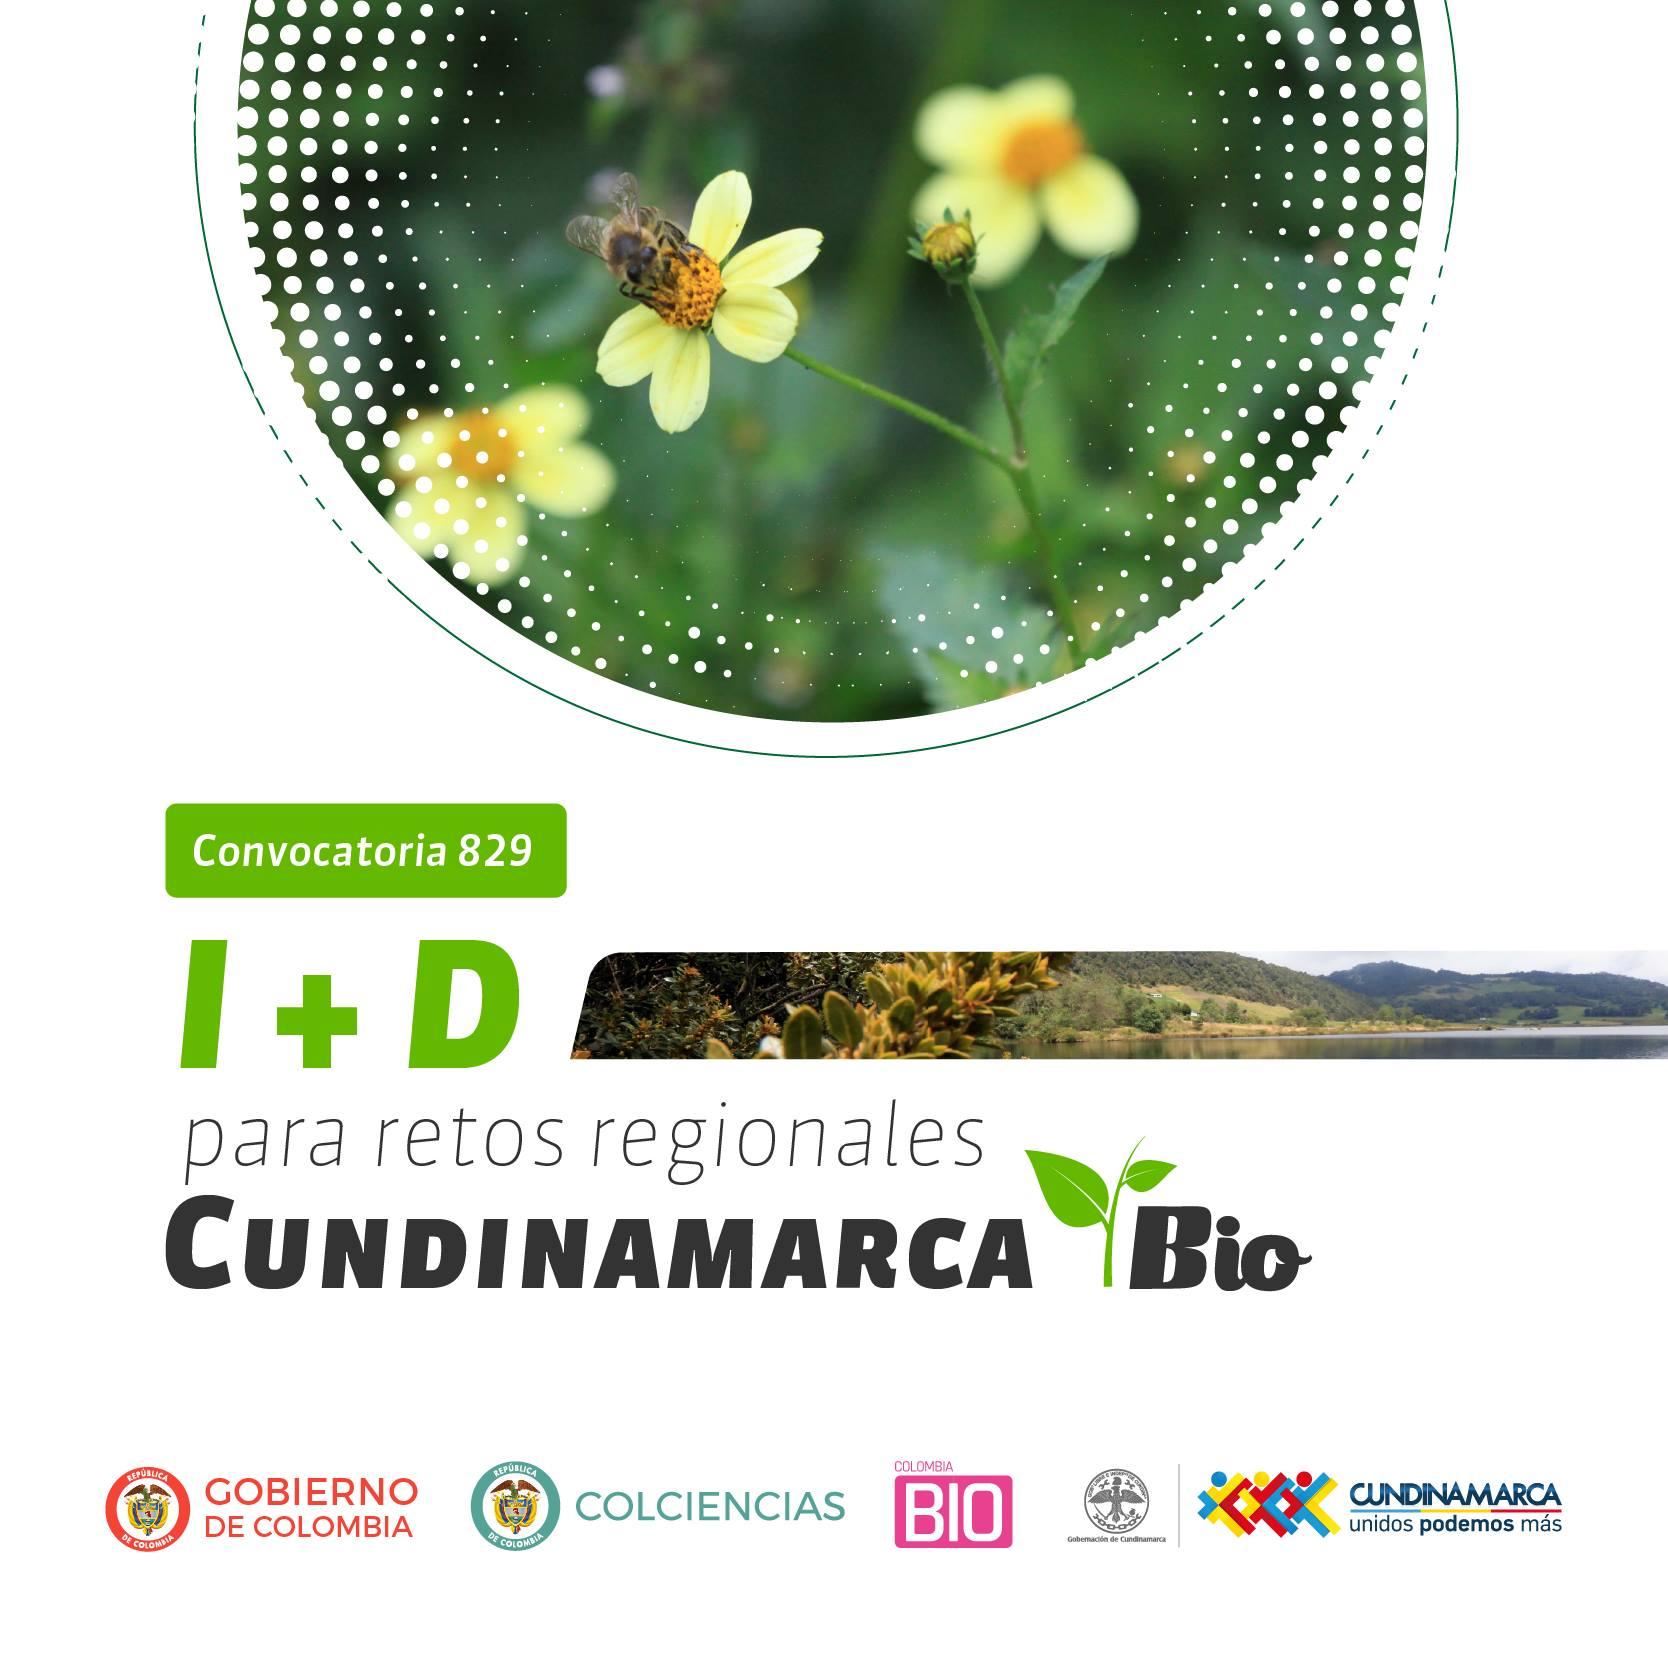 Convocatoria 829 (segunda convocatoria para proyectos de I+D para el desarrollo tecnológico de base biológica que contribuyan a los retos del Departamento de Cundinamarca - 2018) de Colciencias